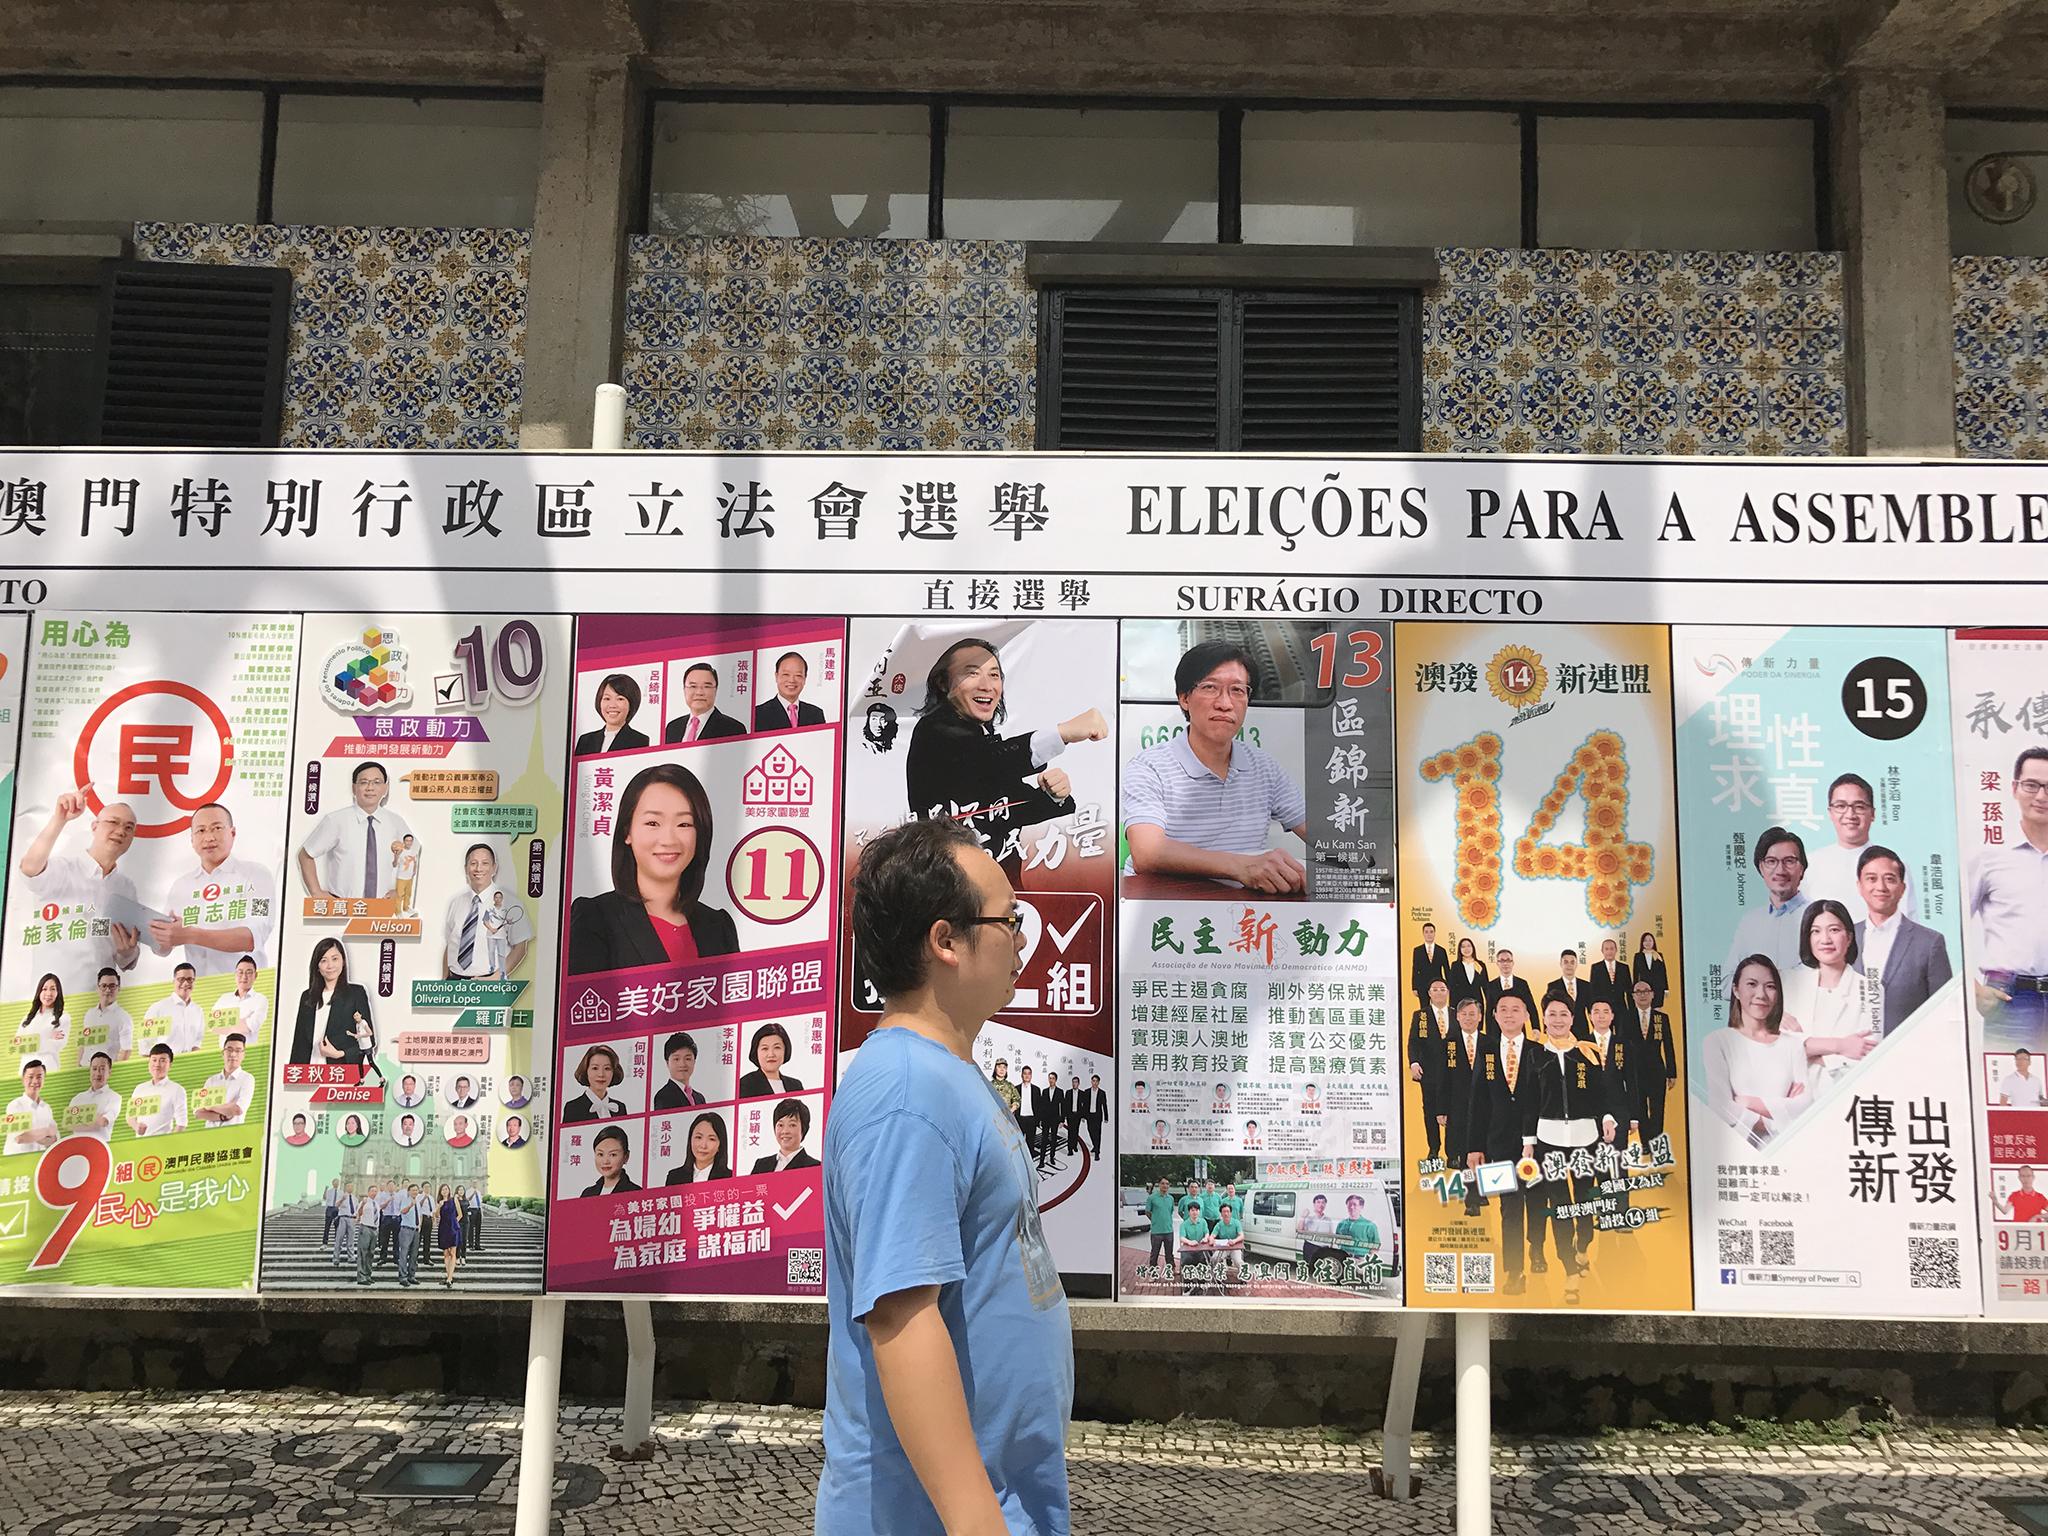 Eleições | Governo encaixa 75 mil patacas com cauções de candidatos